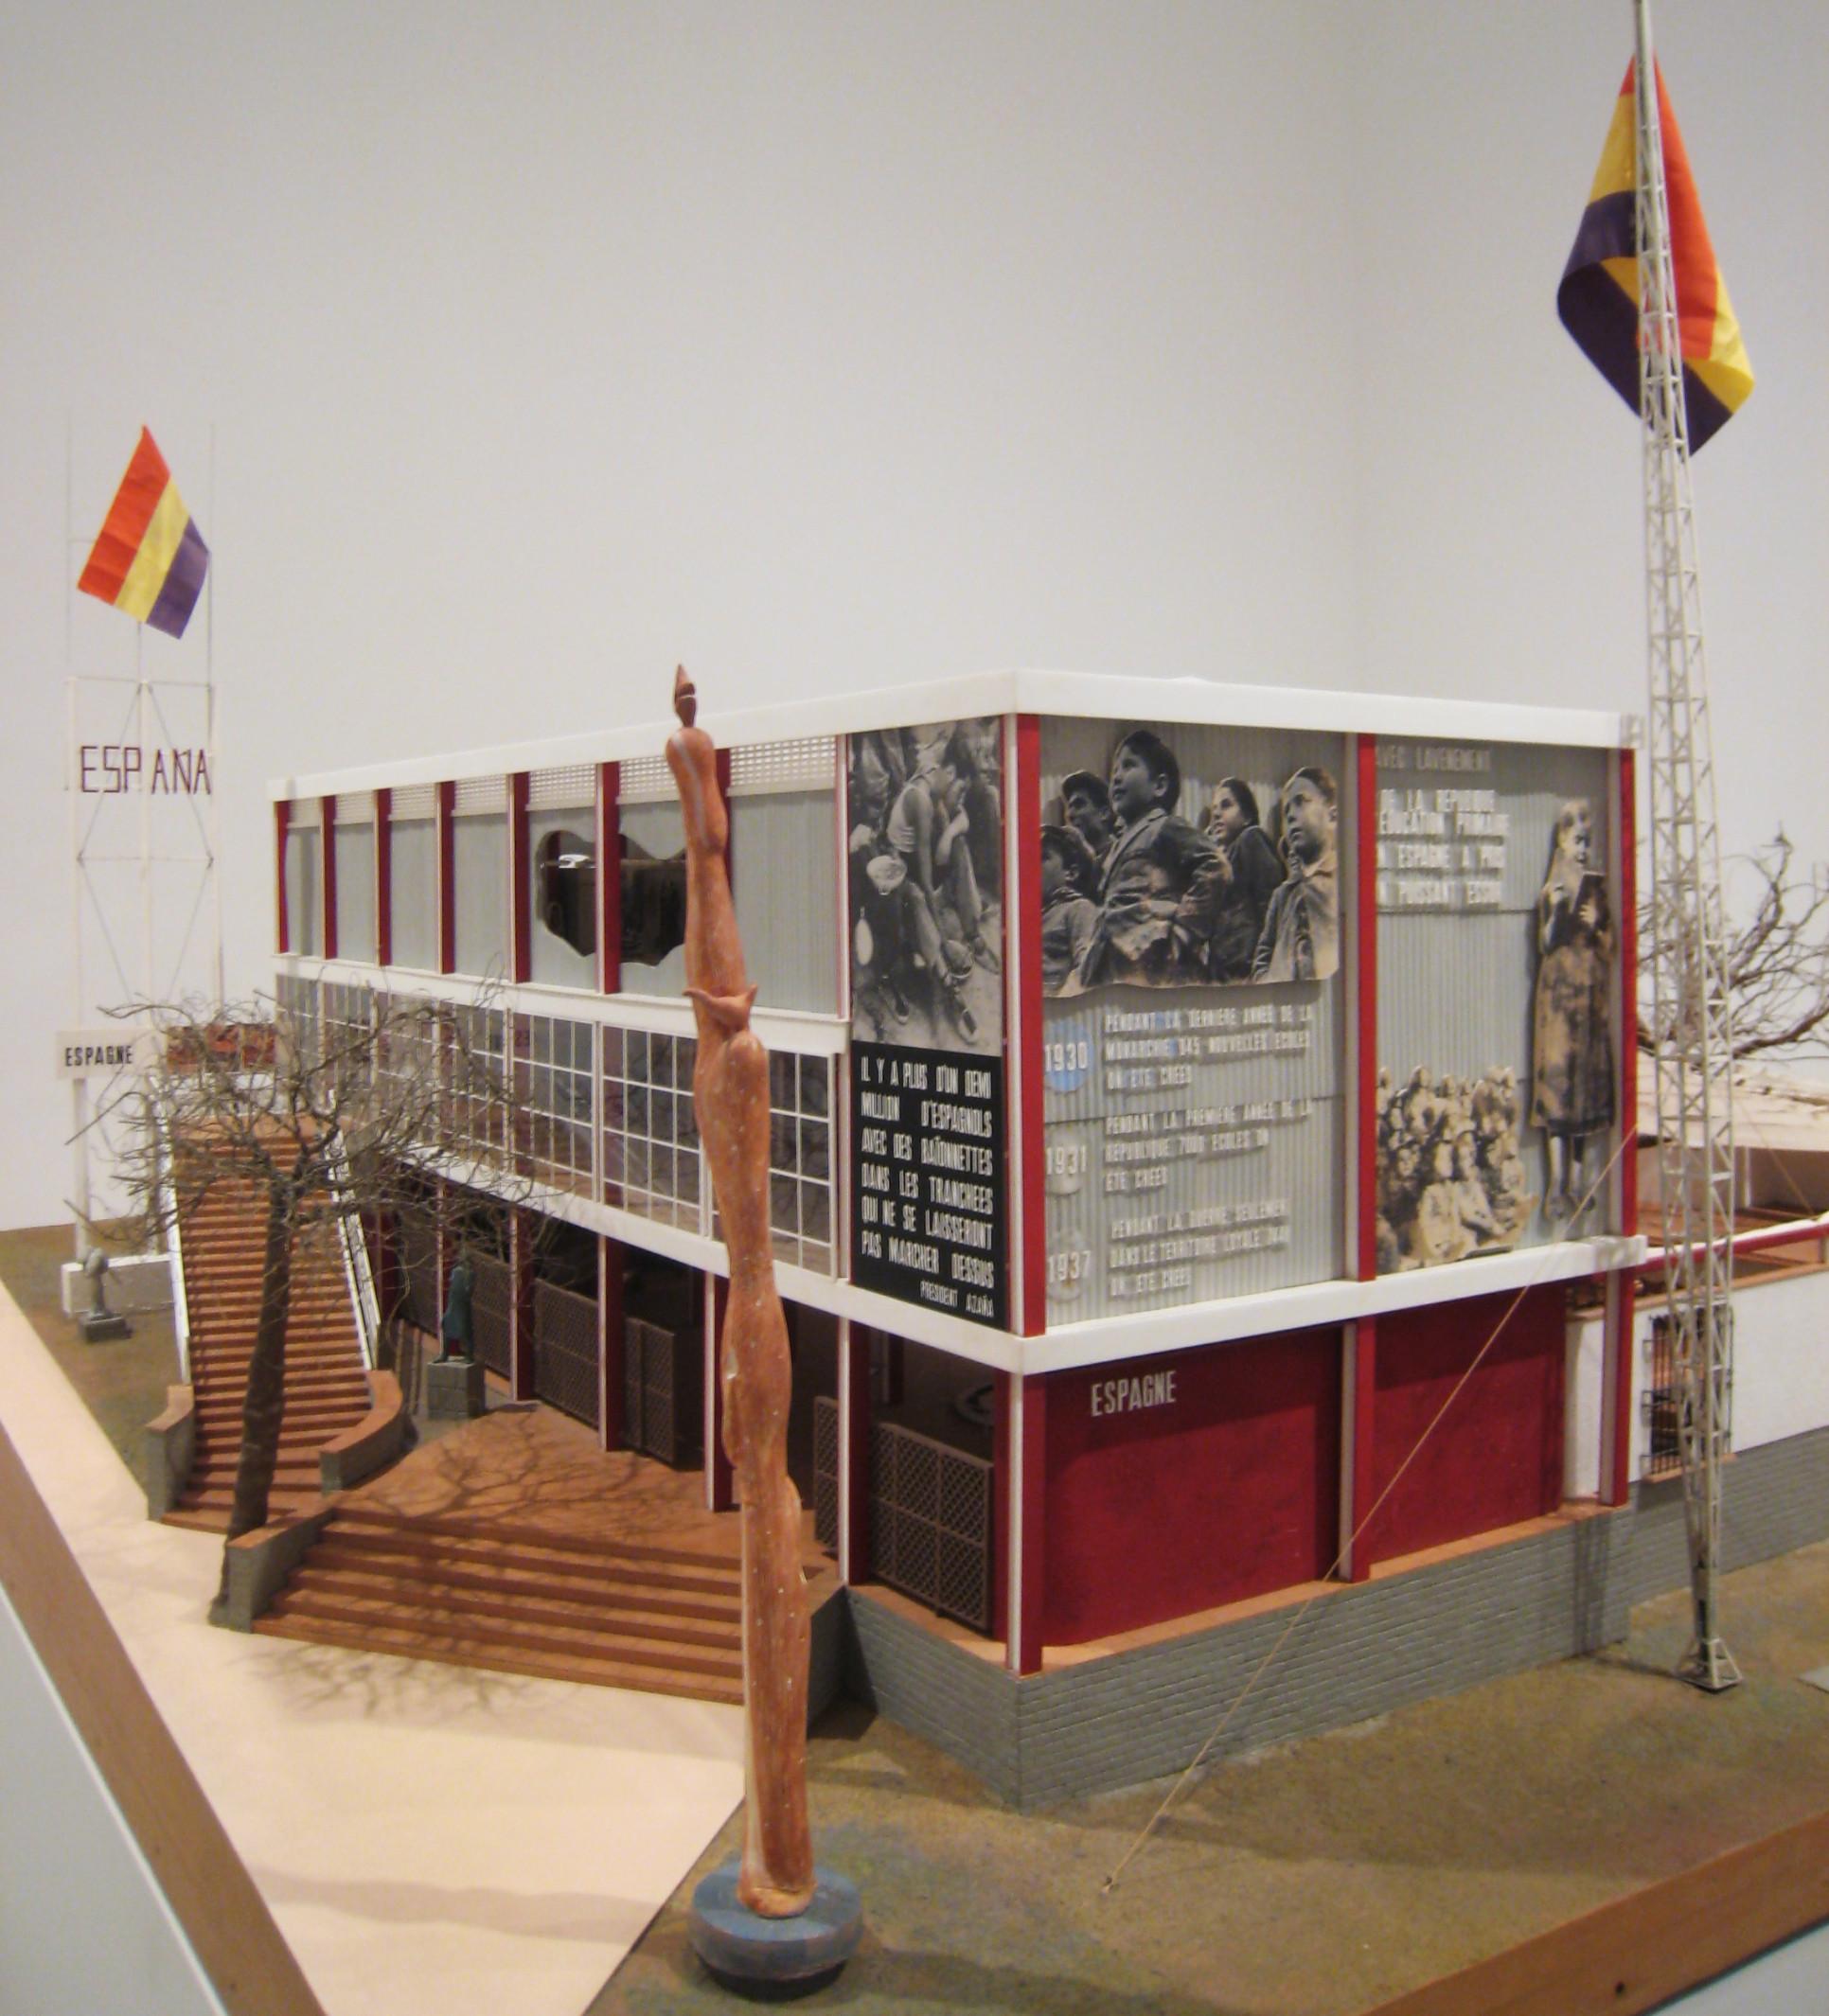 Transiciones de la Forma: La modernidad alternativa del Pabellón Español para la Exposición de París de 1937